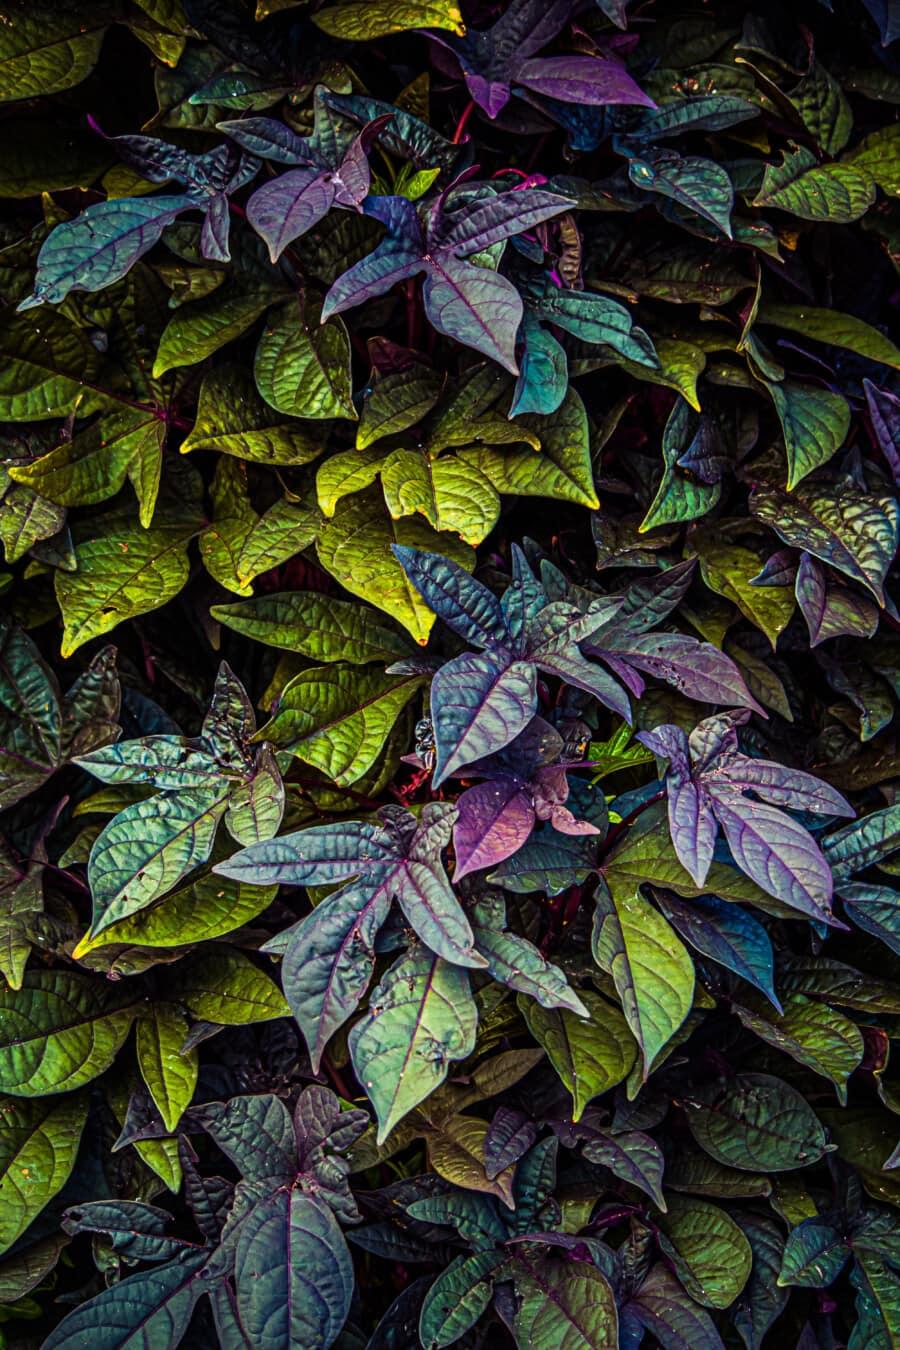 fluoreszierende, bunte, Blätter, Fackel, Geäst, Strauch, violett, grünlich gelb, Textur, Blatt